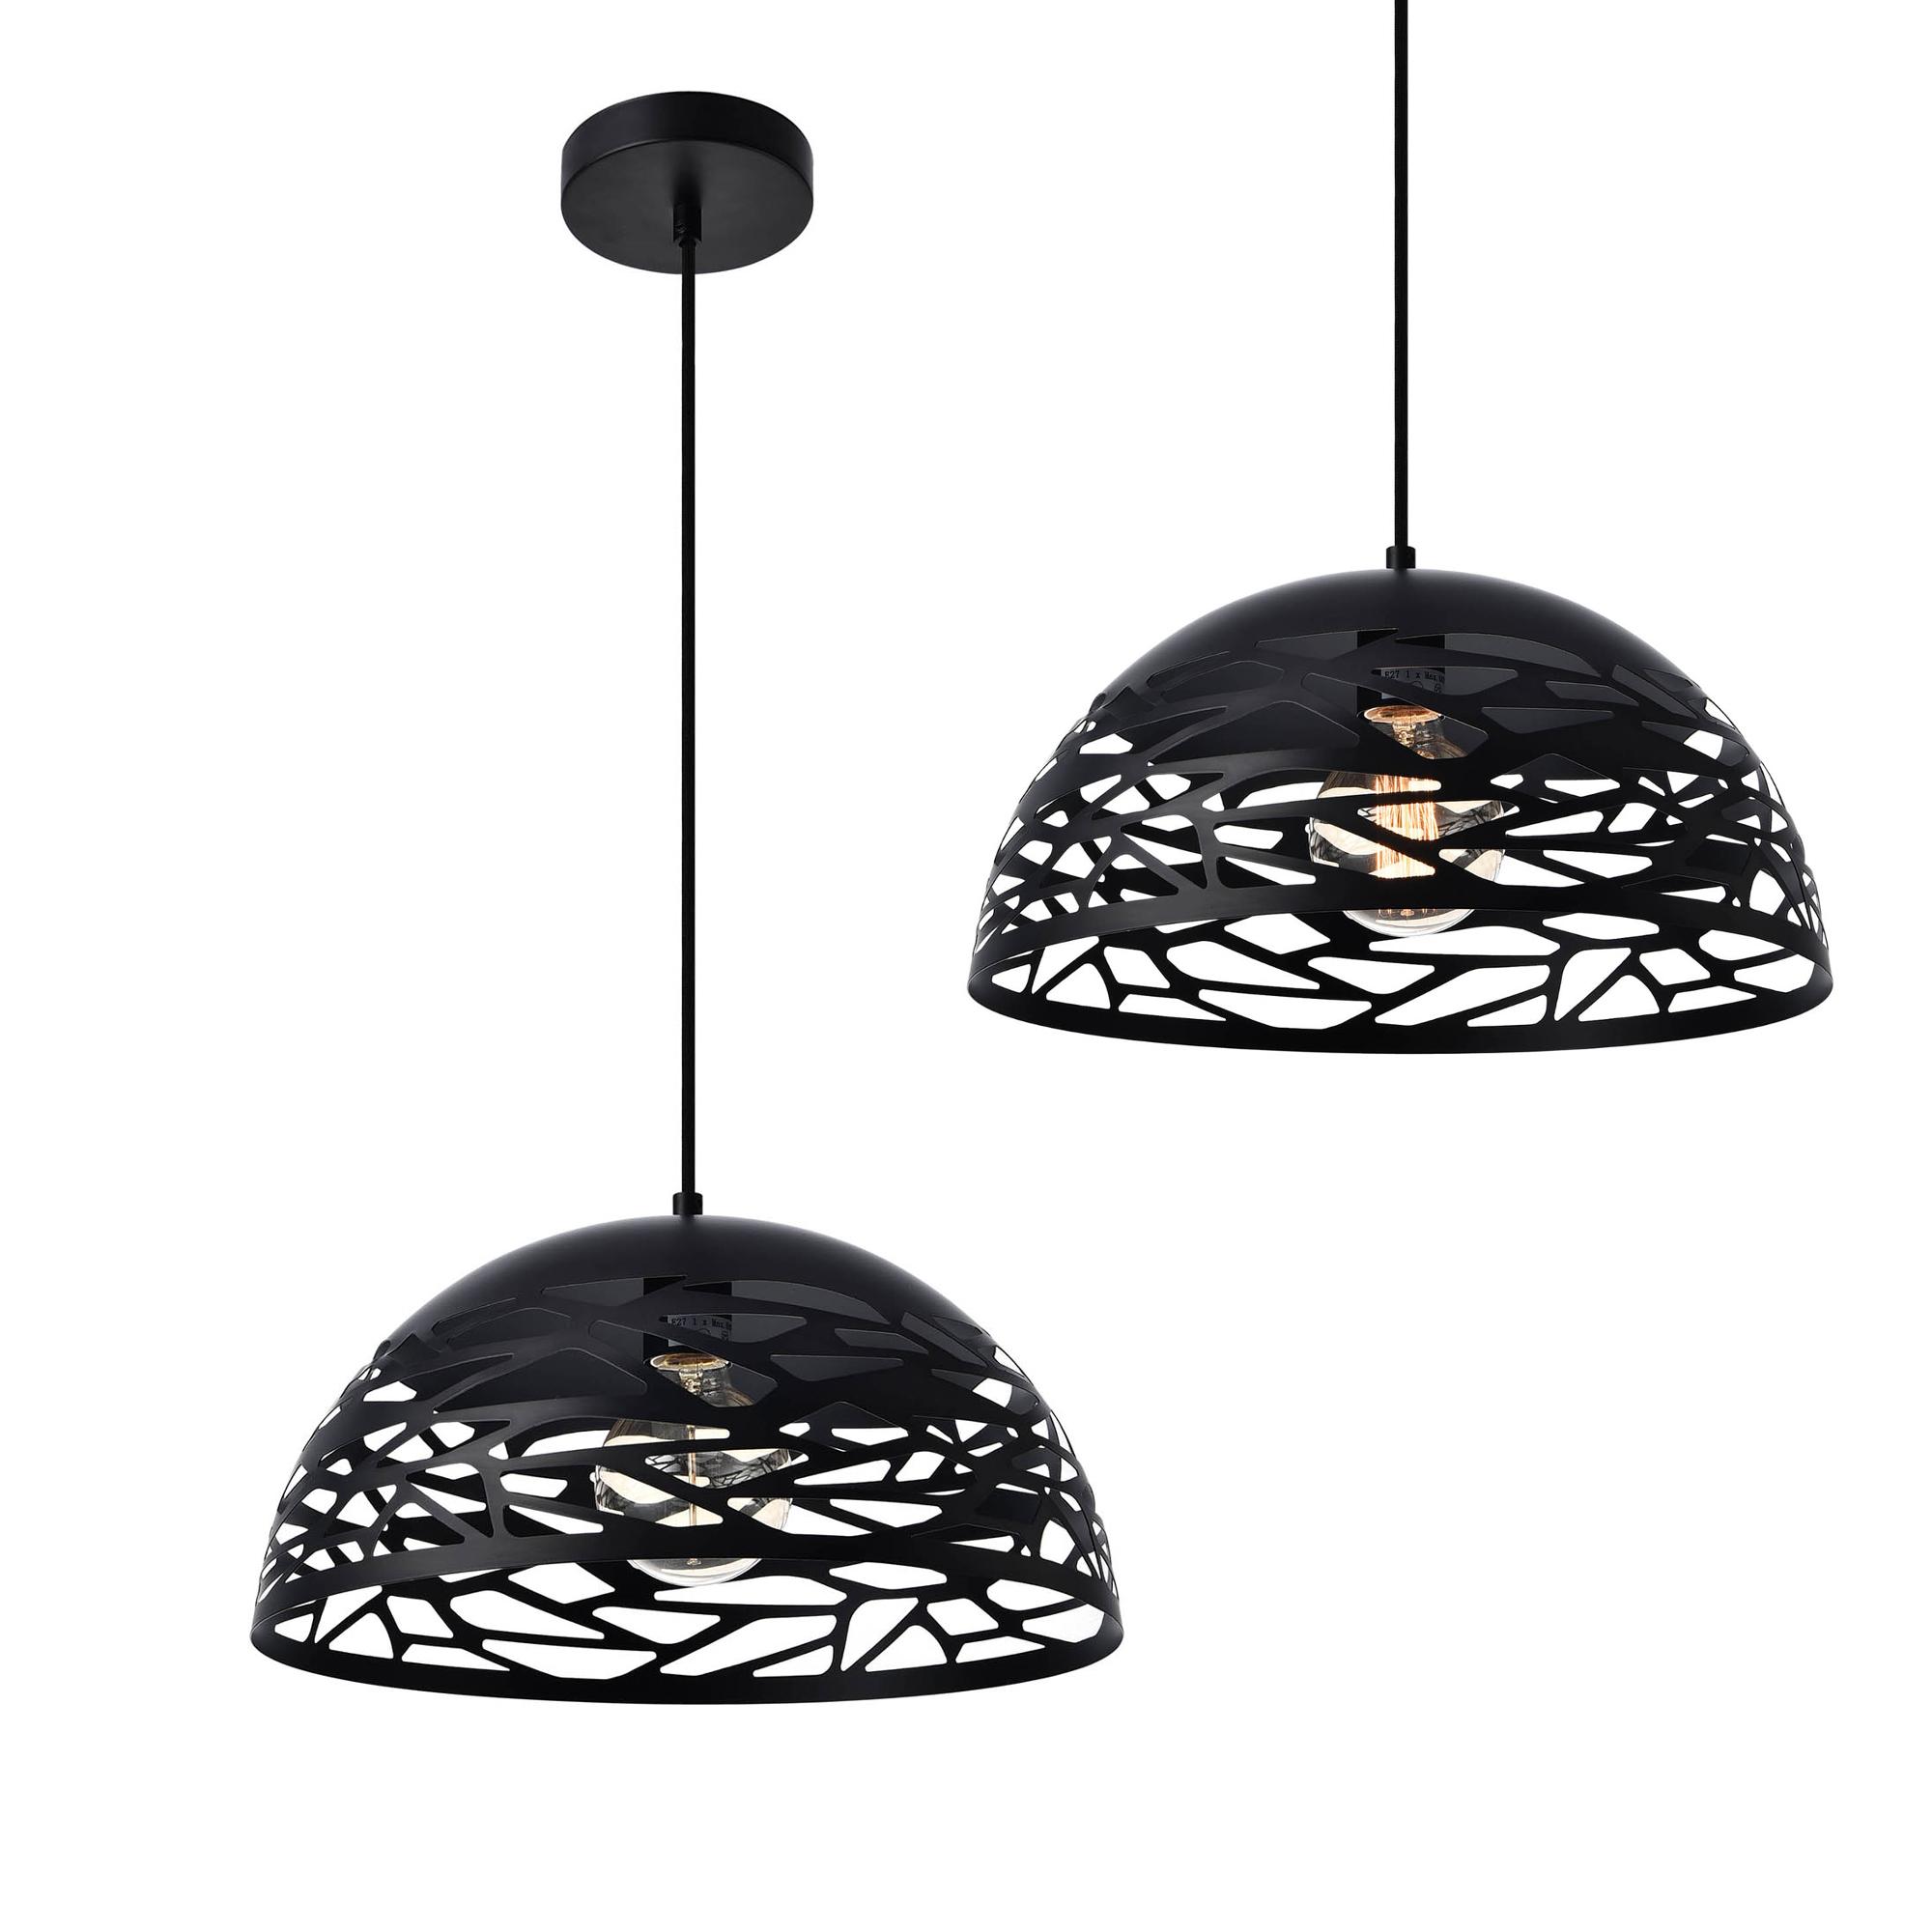 [lux.pro]® Dekoratívní designové závěsné svítidlo / stropní svítidlo - černé (1 x E27)